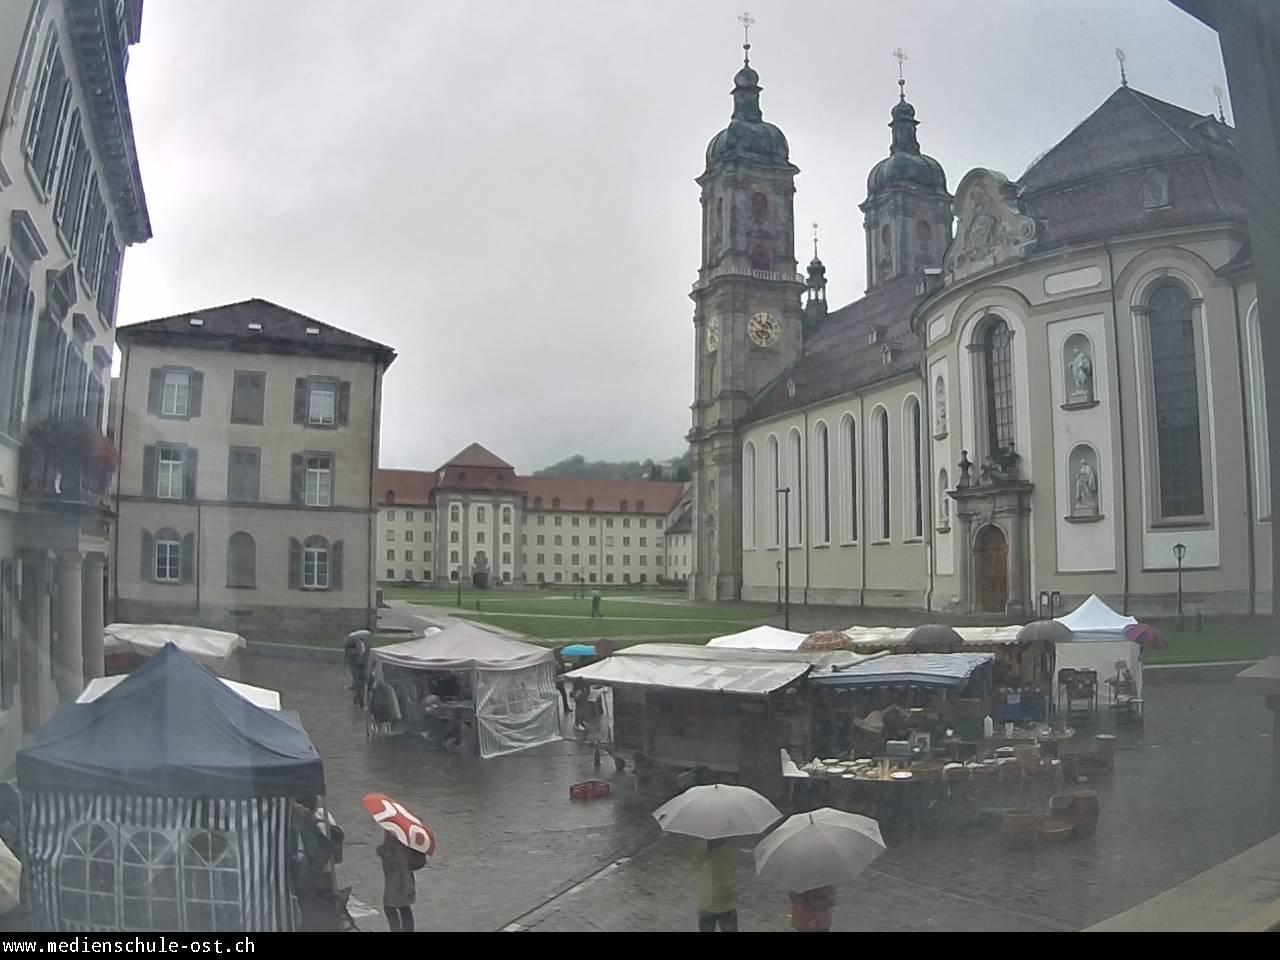 St. Gallen Do. 09:46